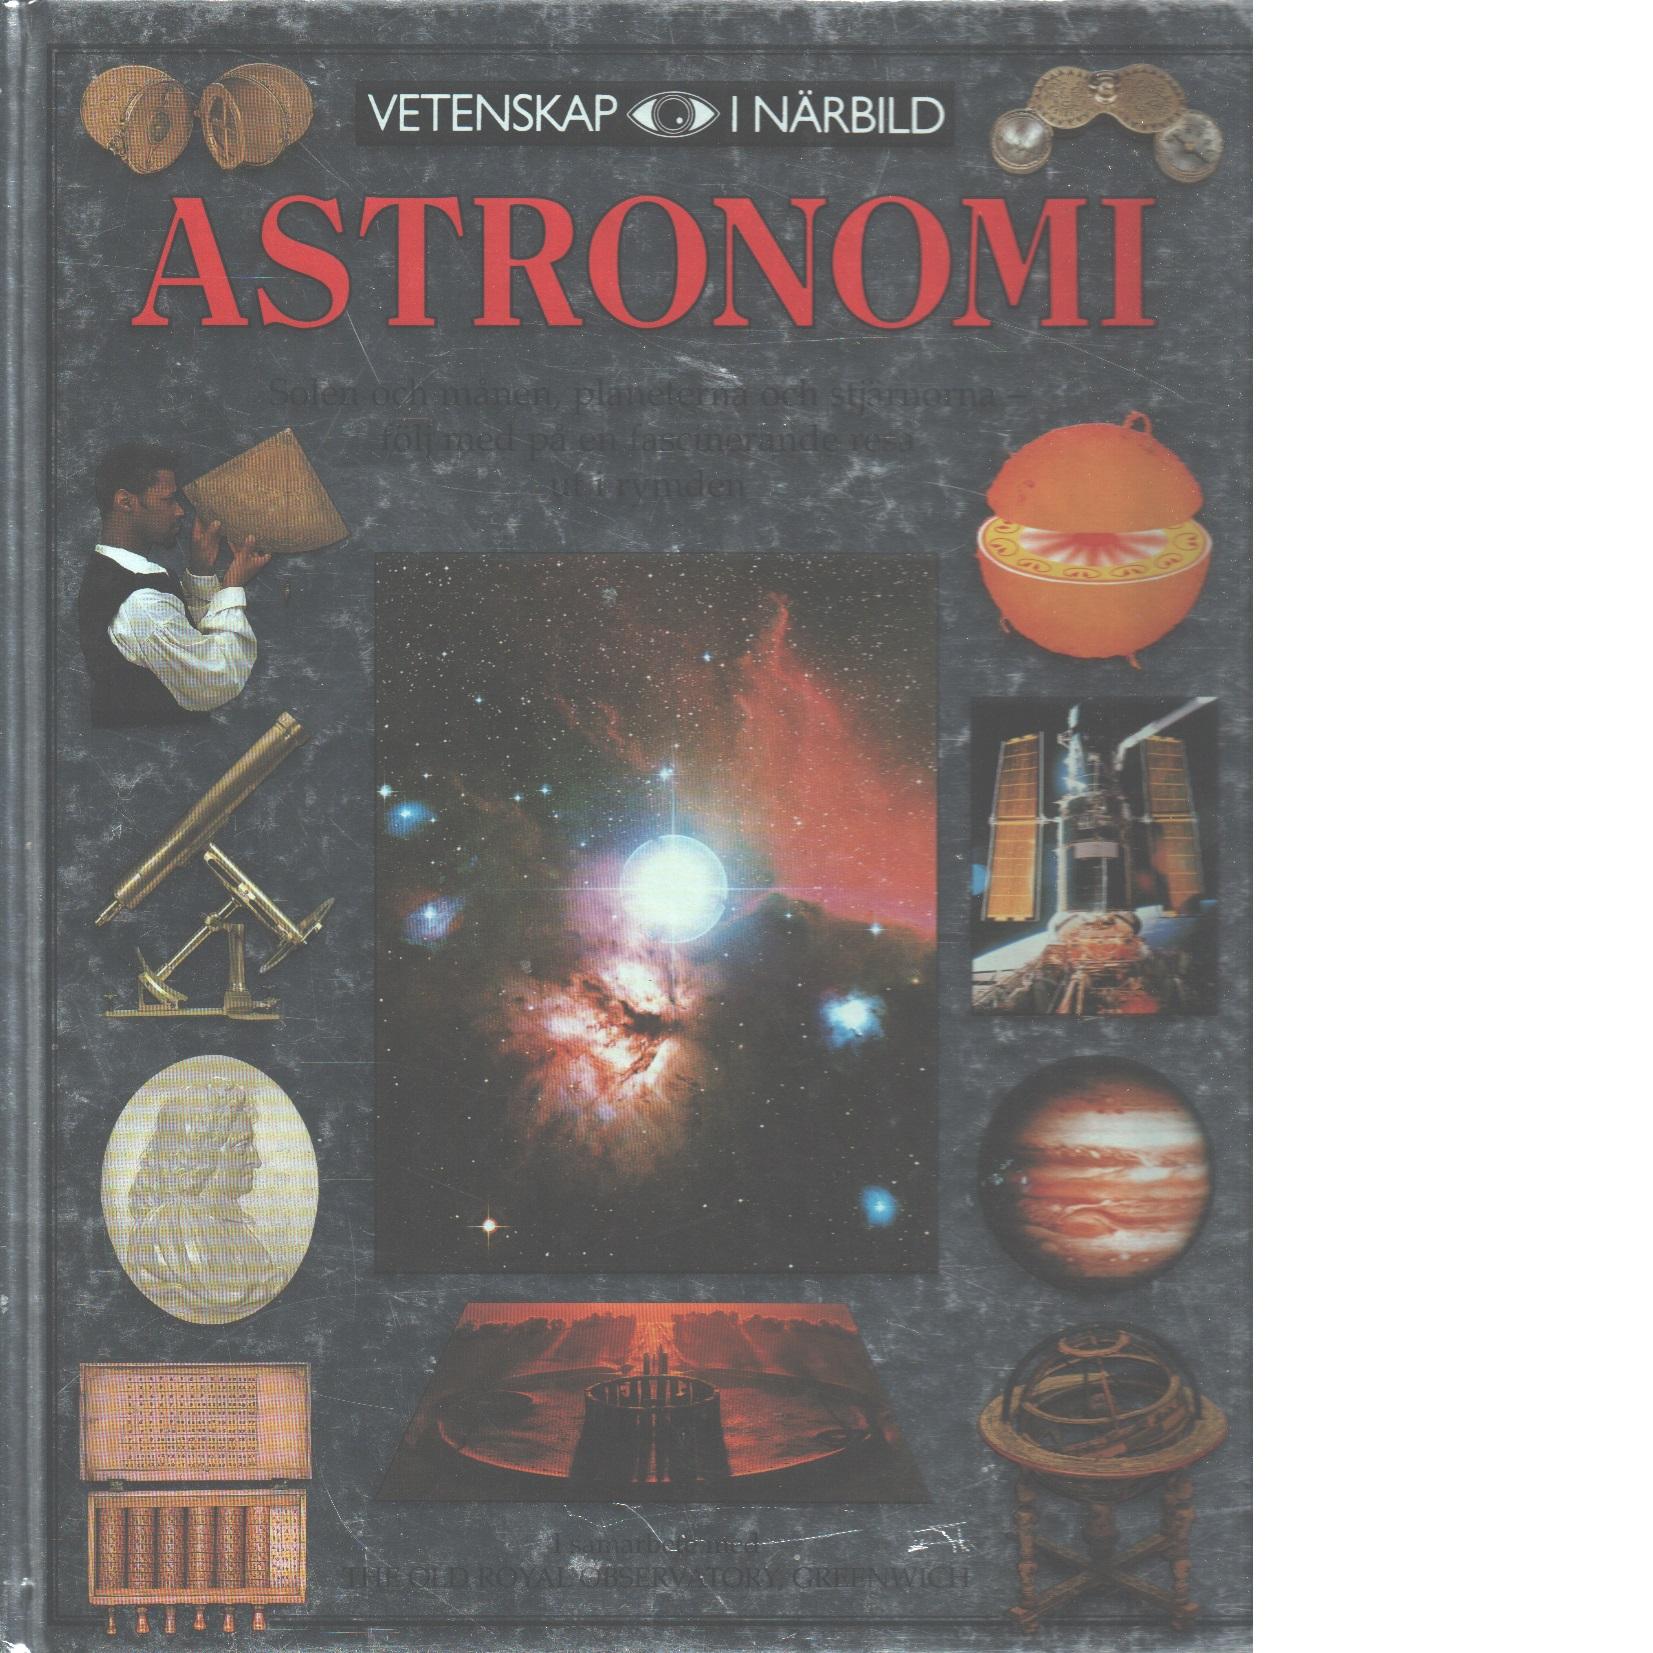 Vetenskap i närbild : Astronomi - Lippincott, Kristen